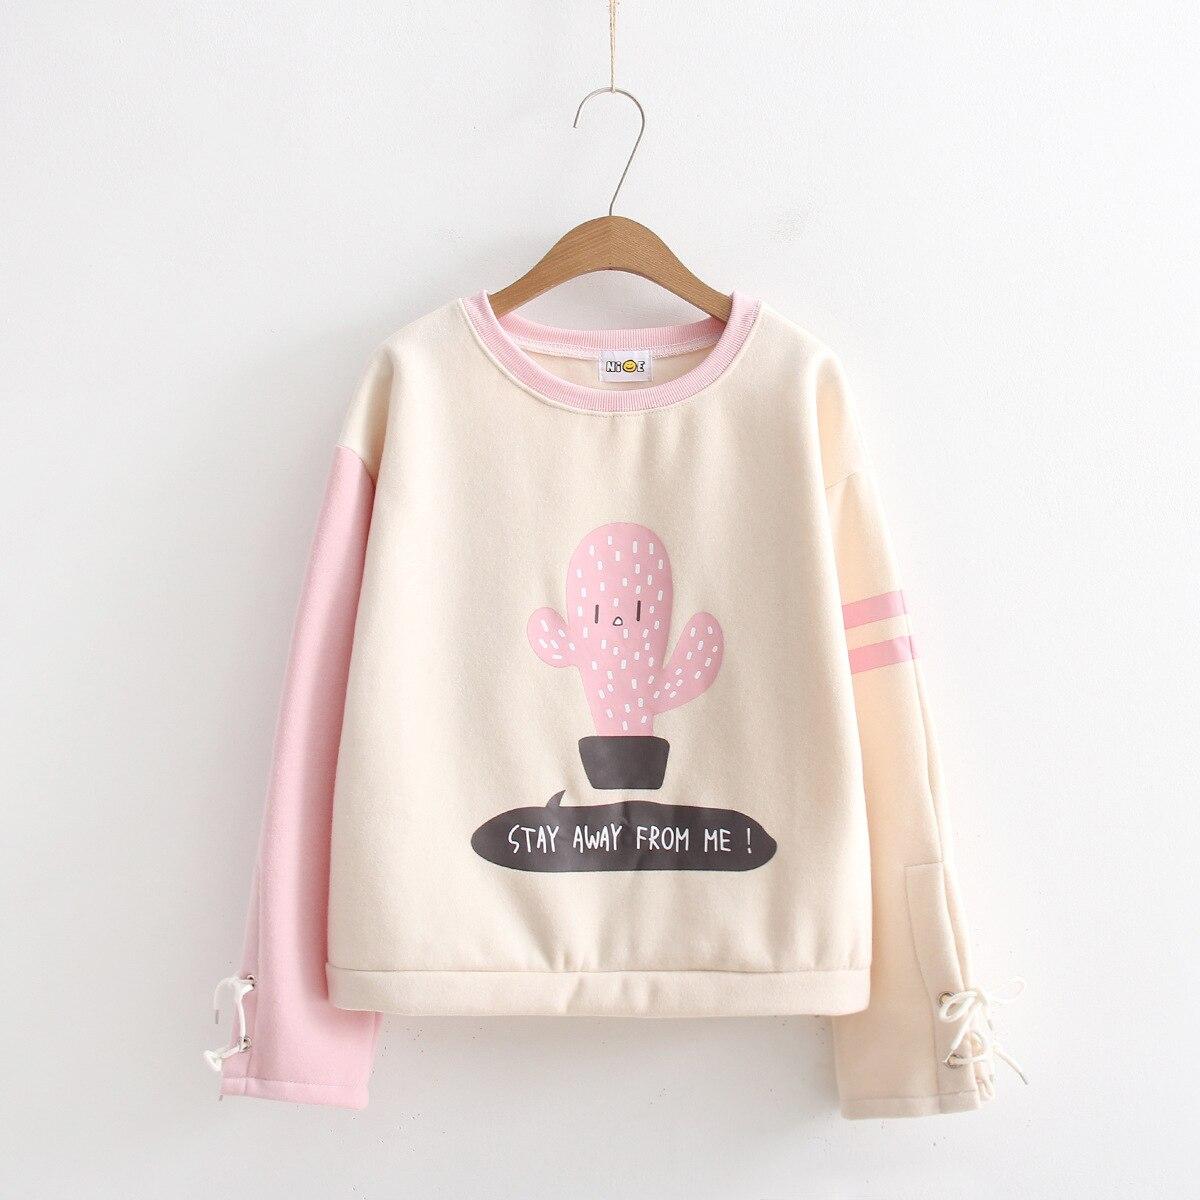 US $24 0 |Women Cute Cartoon Cactus Printing Cuff Rope Velvet Long Sleeve  Hoodies Ladies Casual Sweatshirt Cotton Tracksuit 350g S615-in Hoodies &